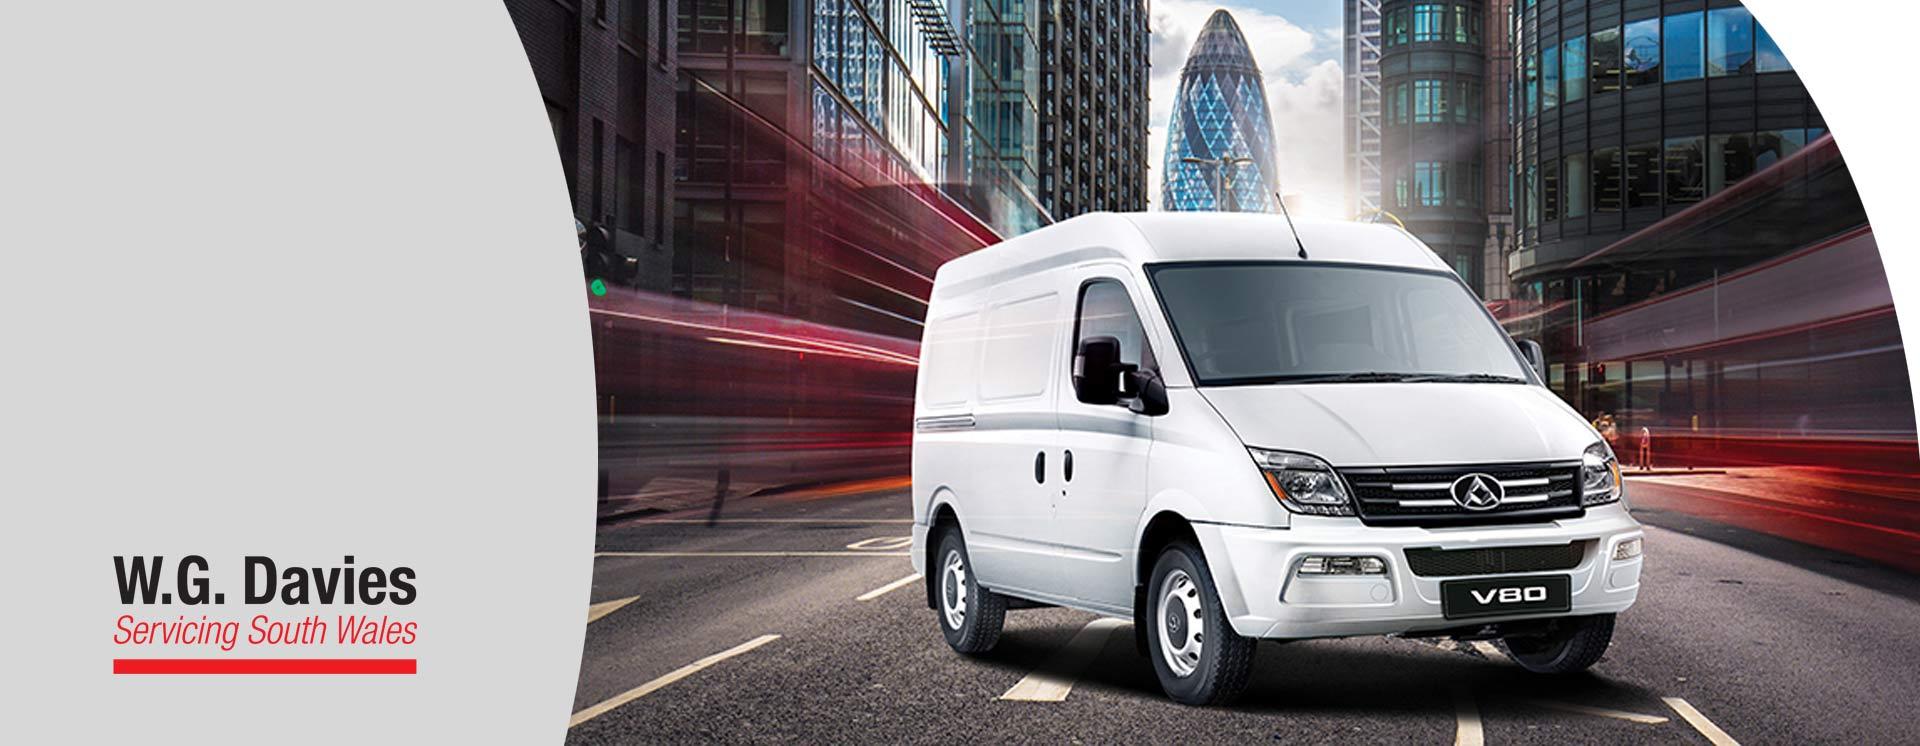 LDV Van Sales - South Wales